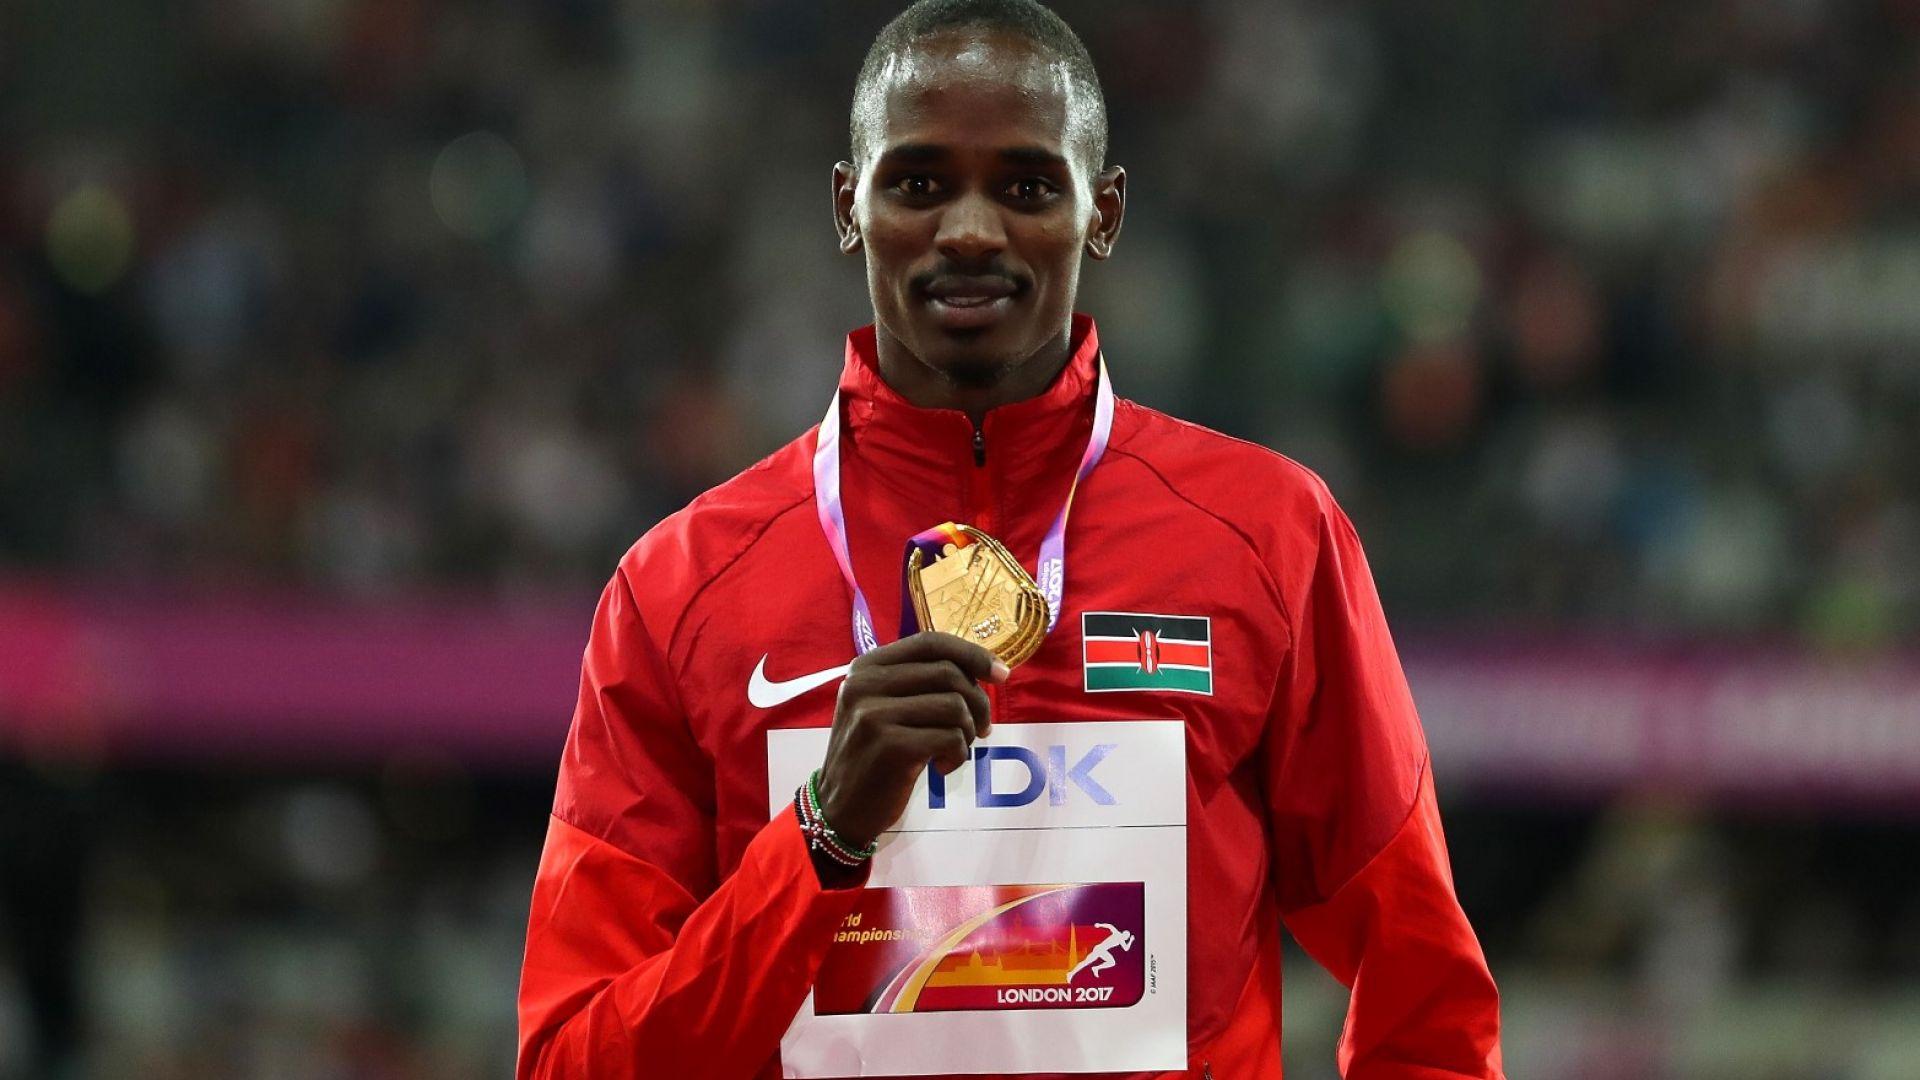 Още един световен шампион в атлетиката изгоря за пропуснати допинг тестове